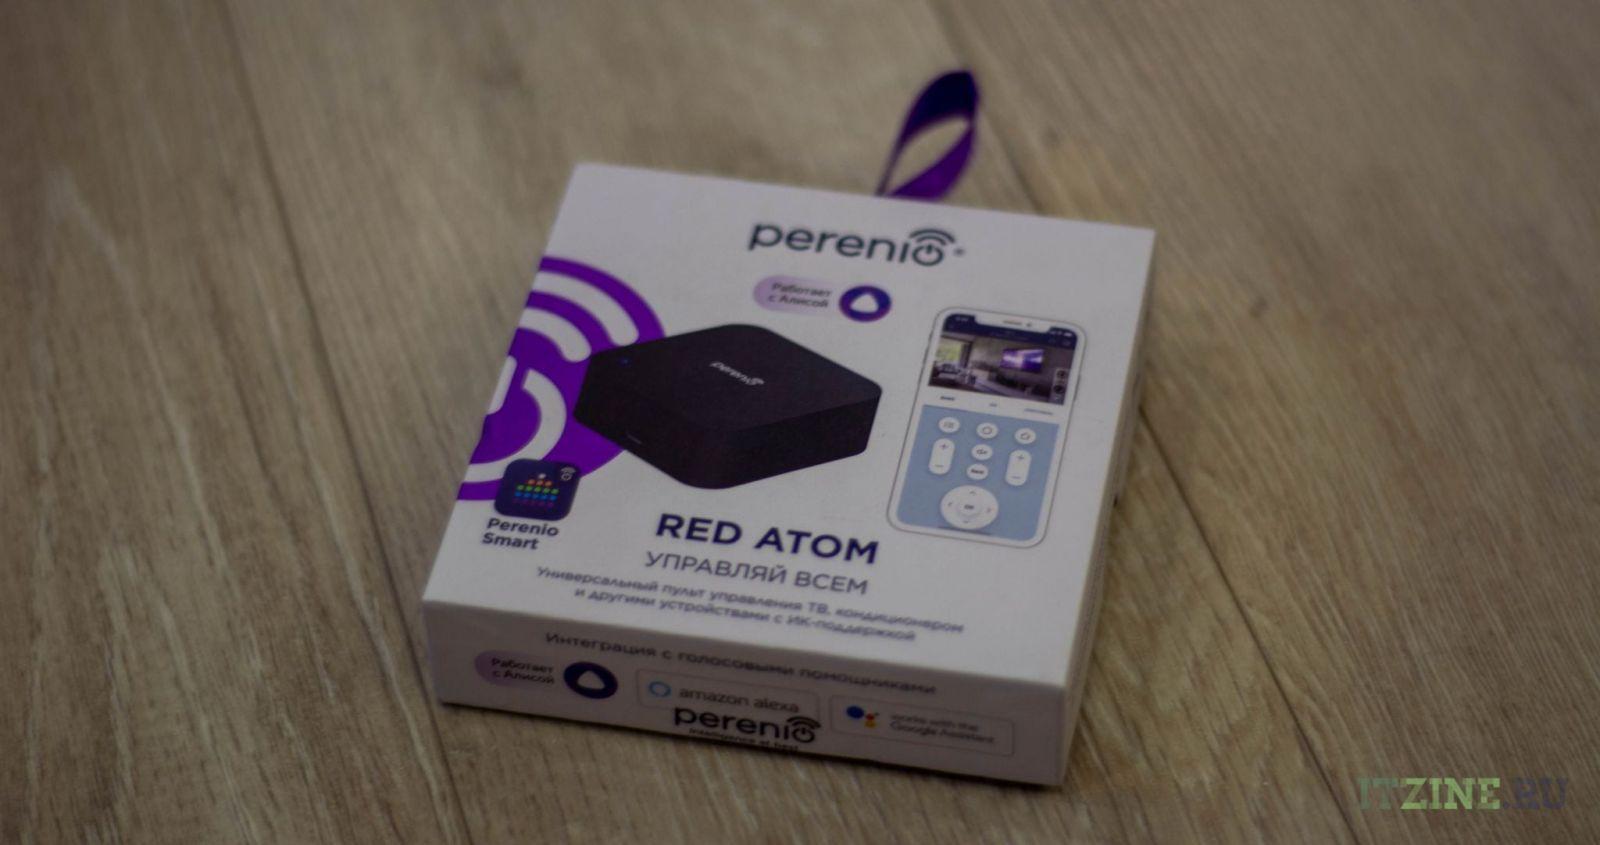 Обзор Perenio Red Atom. С пультом по жизни (dsc 7907 2 scaled)